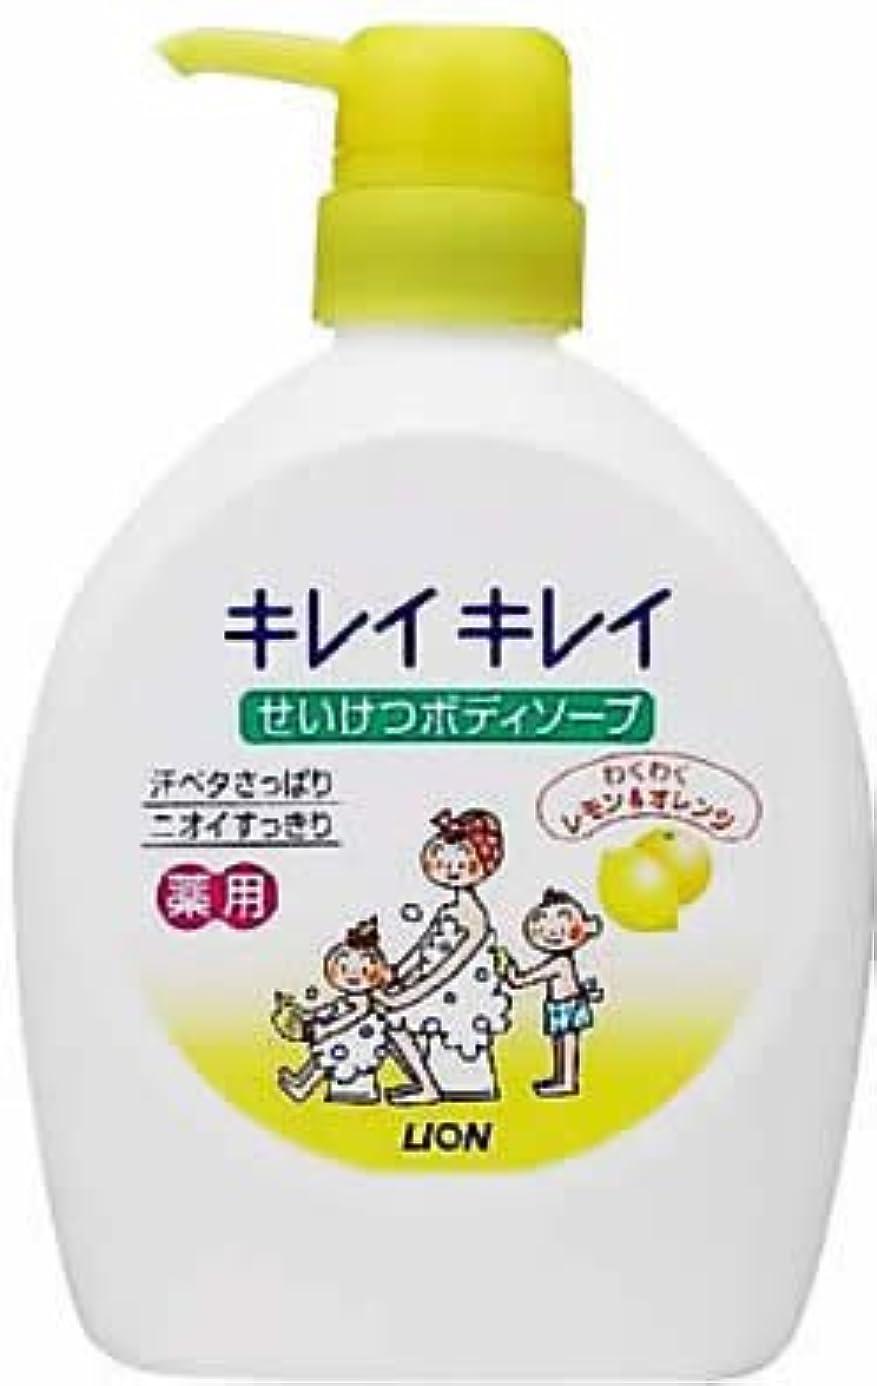 中間マイル確保するキレイキレイ せいけつボディソープ わくわくレモン&オレンジの香り 本体ポンプ 580ml